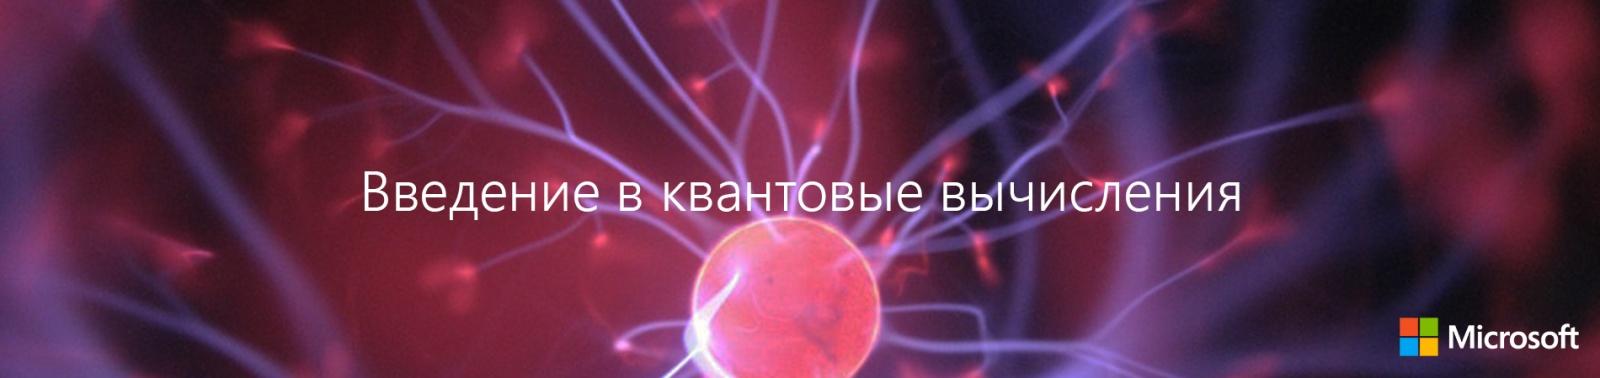 Введение в квантовые вычисления - 1